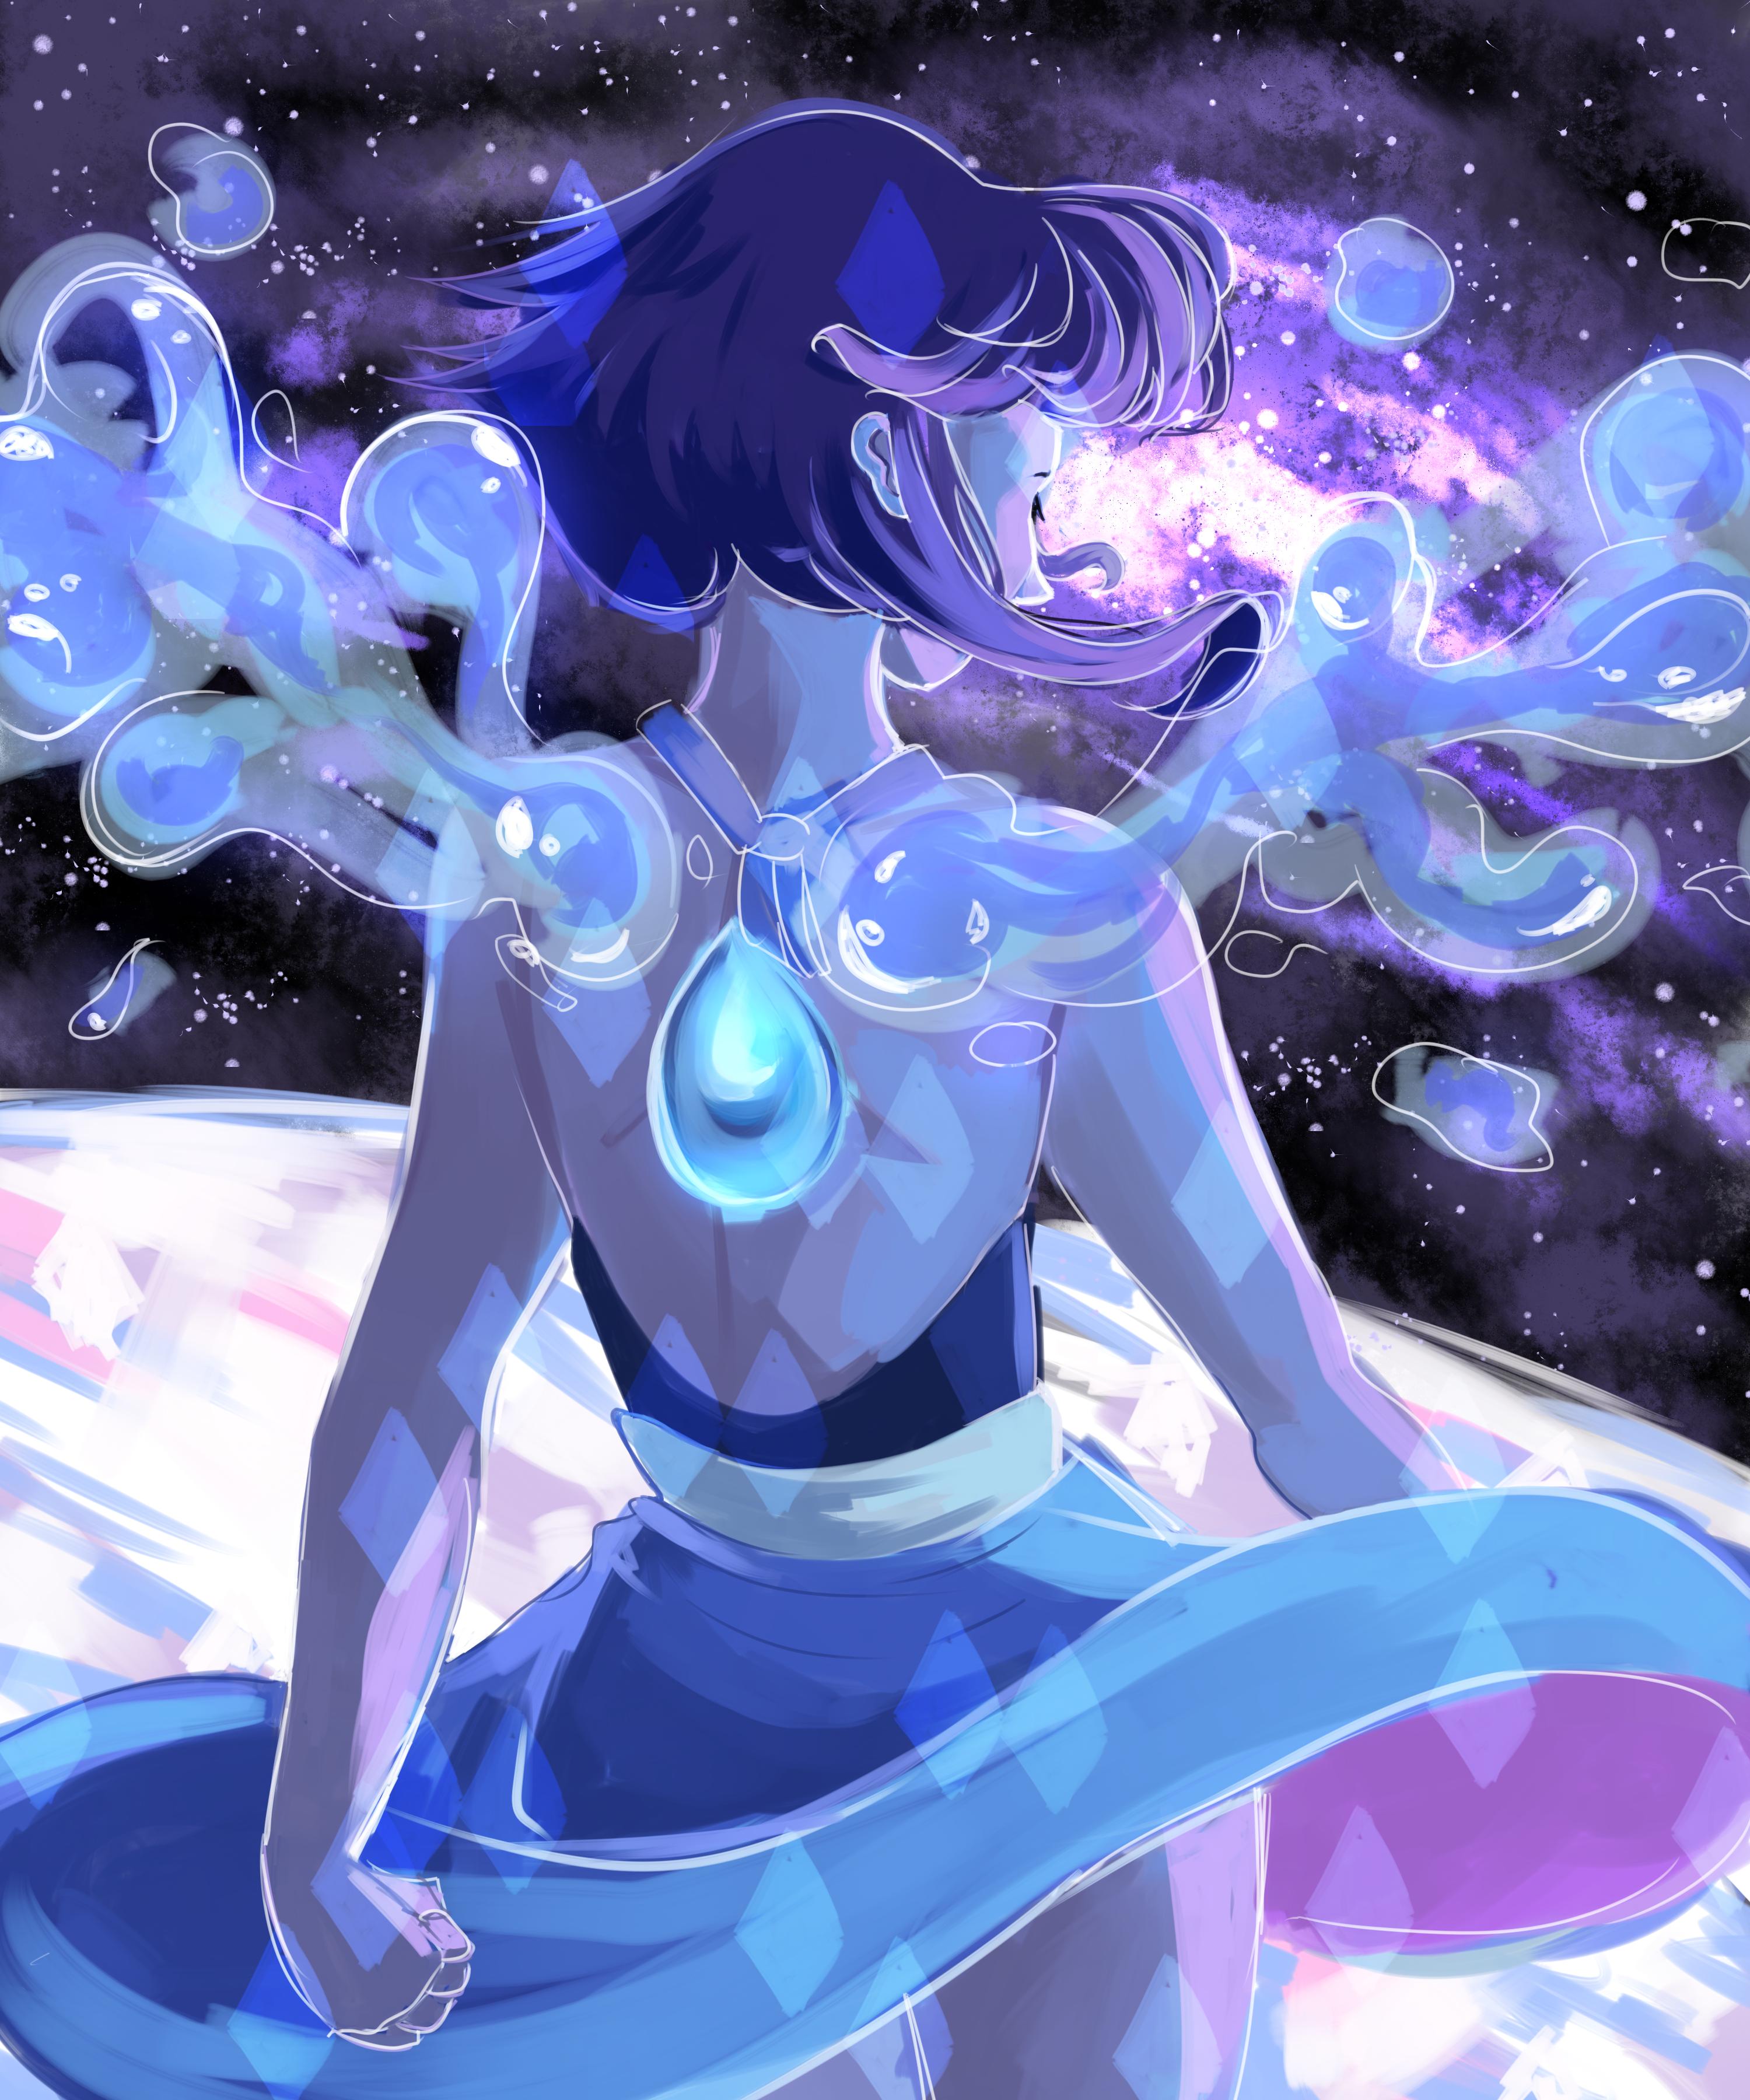 Lapis Lazuli by Zensoko